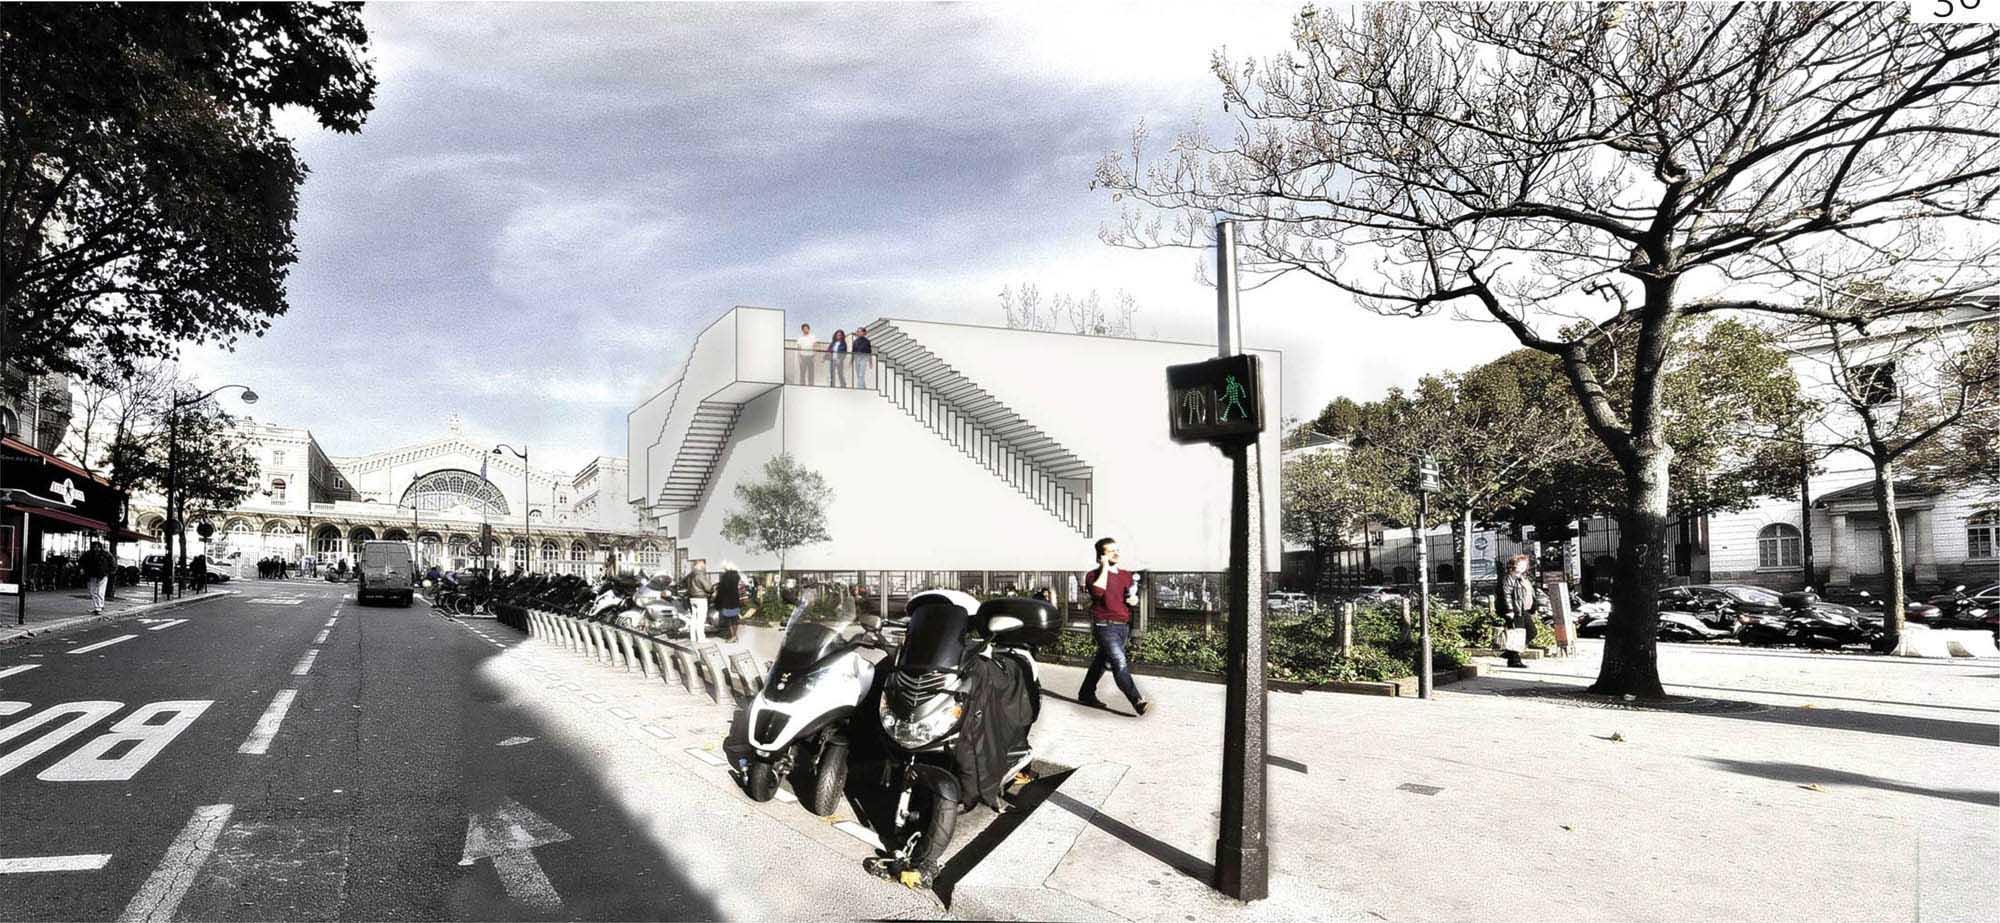 climax ar studio d'architectures maison de l'architecture (1).jpg